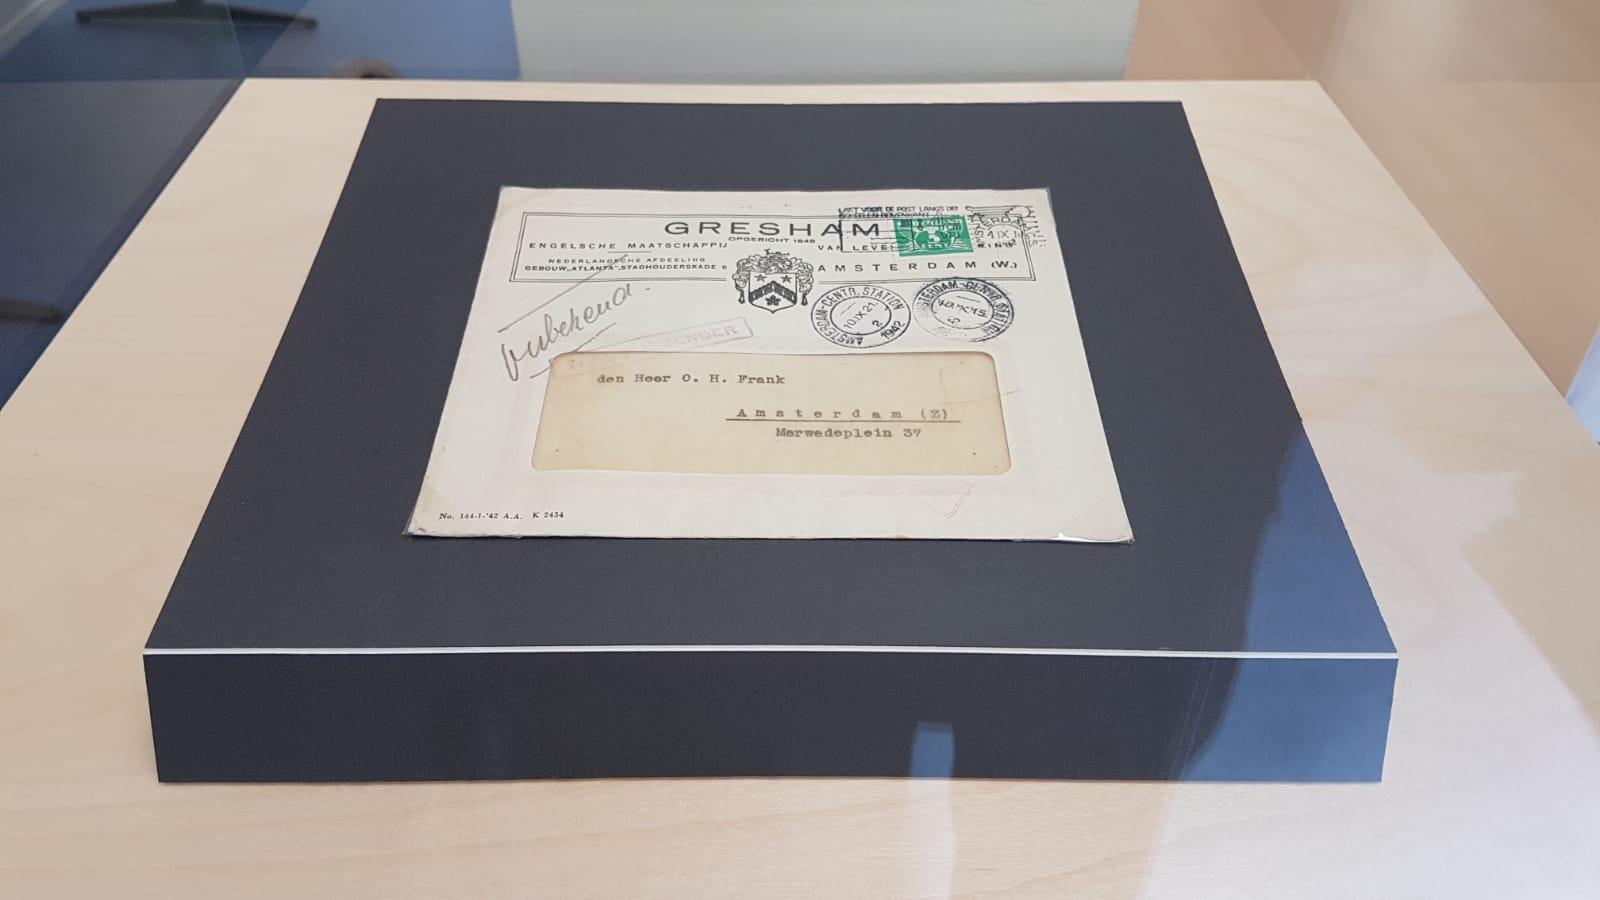 Ongeopende brief geadresseerd aan Otto Frank, de vader van Anne